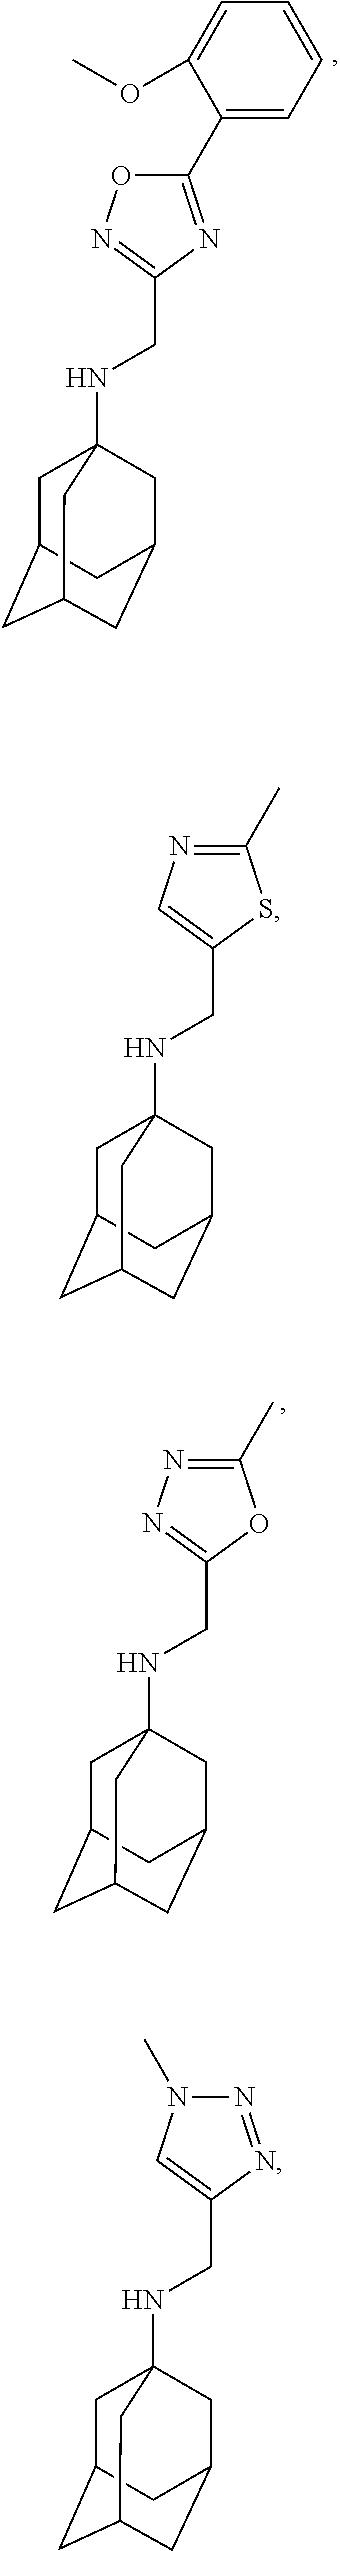 Figure US09884832-20180206-C00185